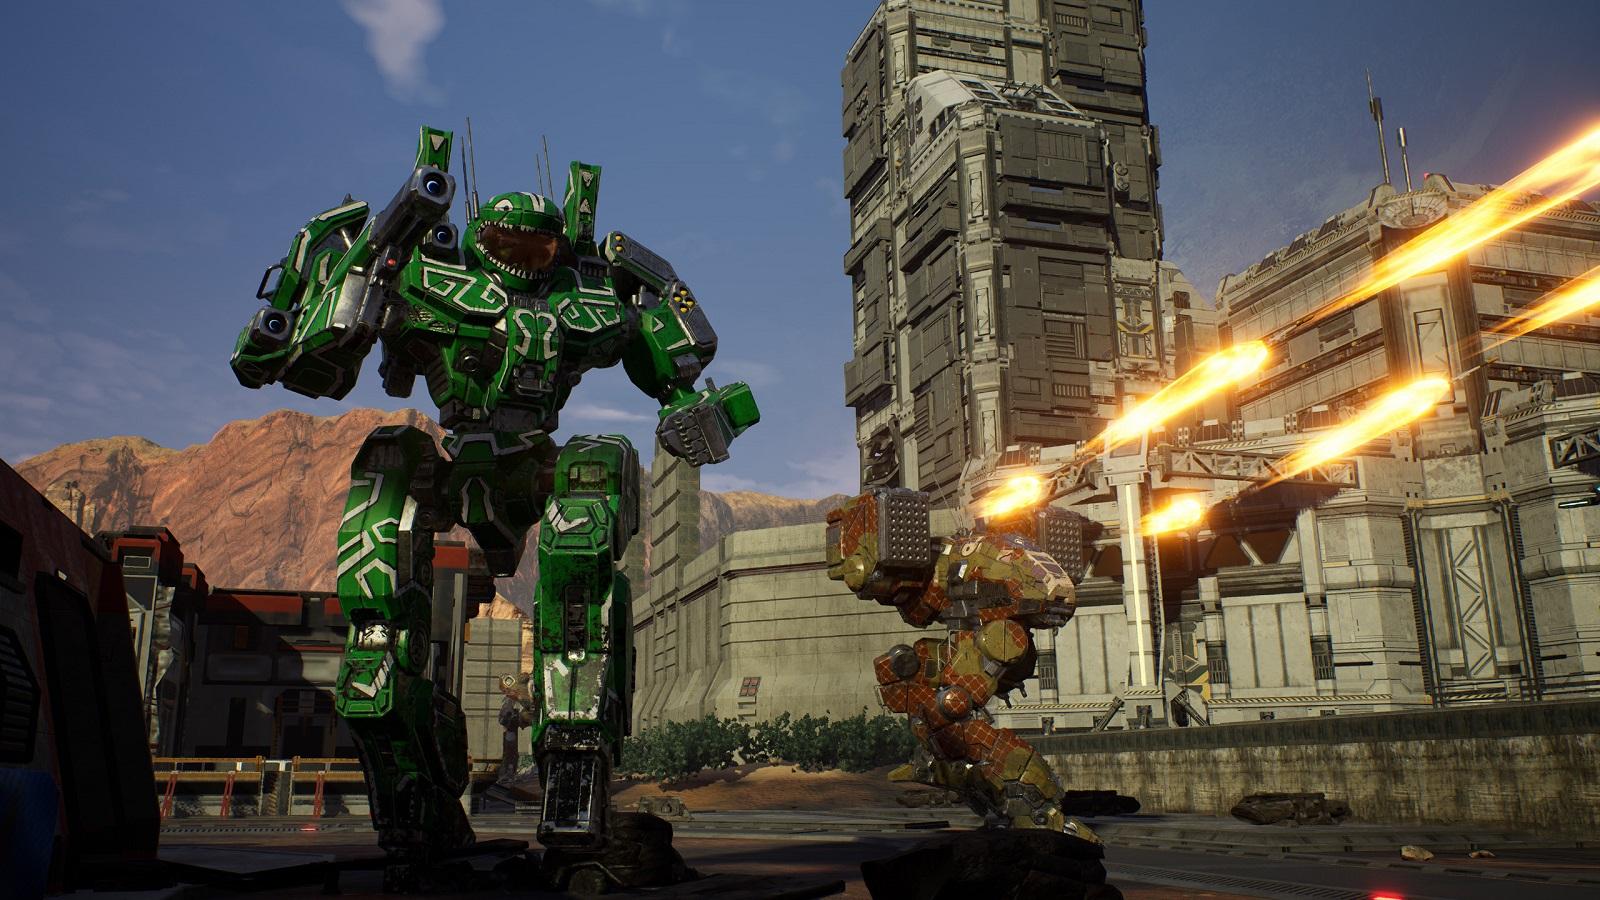 С выходом на новых платформах в MechWarrior 5: Mercenaries появится кроссплей и не только